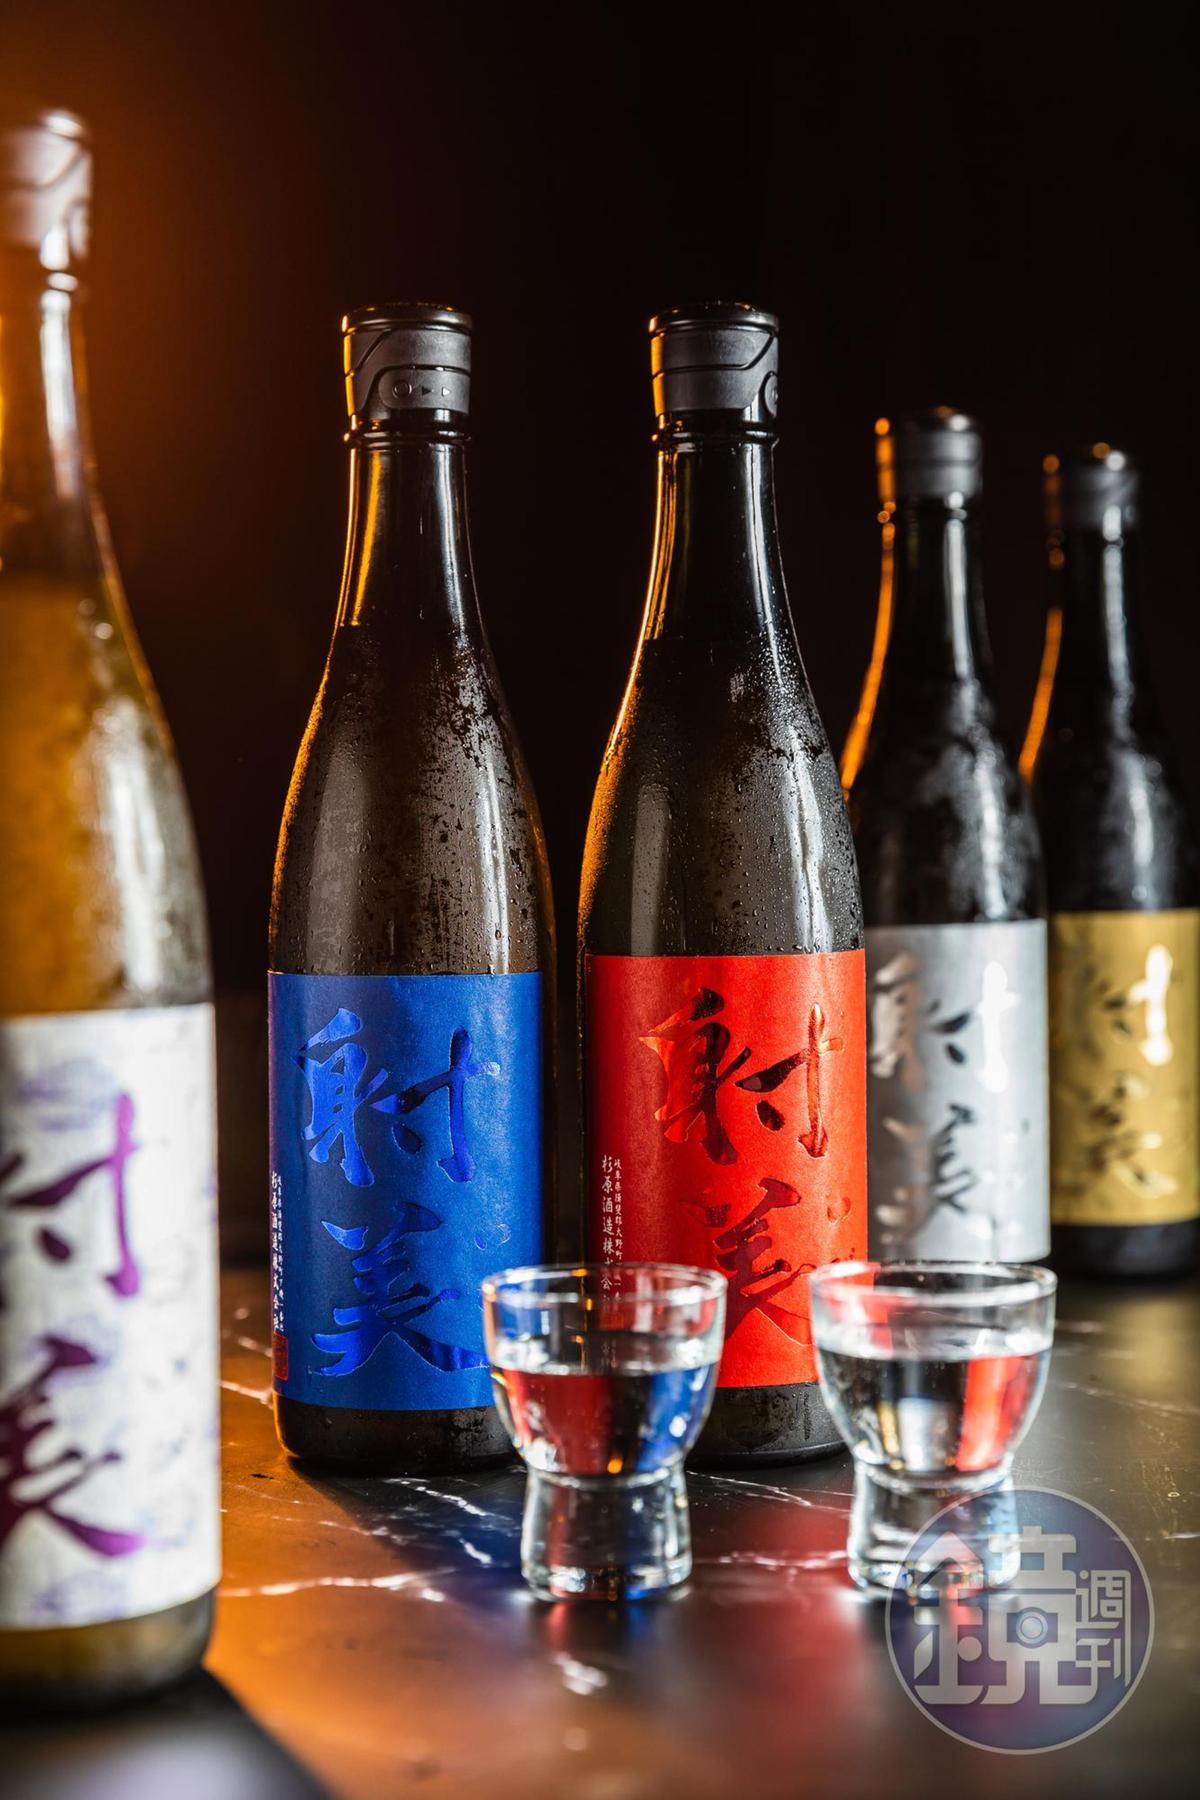 來自岐阜縣杉原酒造的「射美」只用自家培育酒米「揖斐の誉」釀製,數量稀少。「Blue」「Red」(左二及左三,均為2,800元/720ml)葡萄、蜜瓜香氣飽滿,口感甜美。